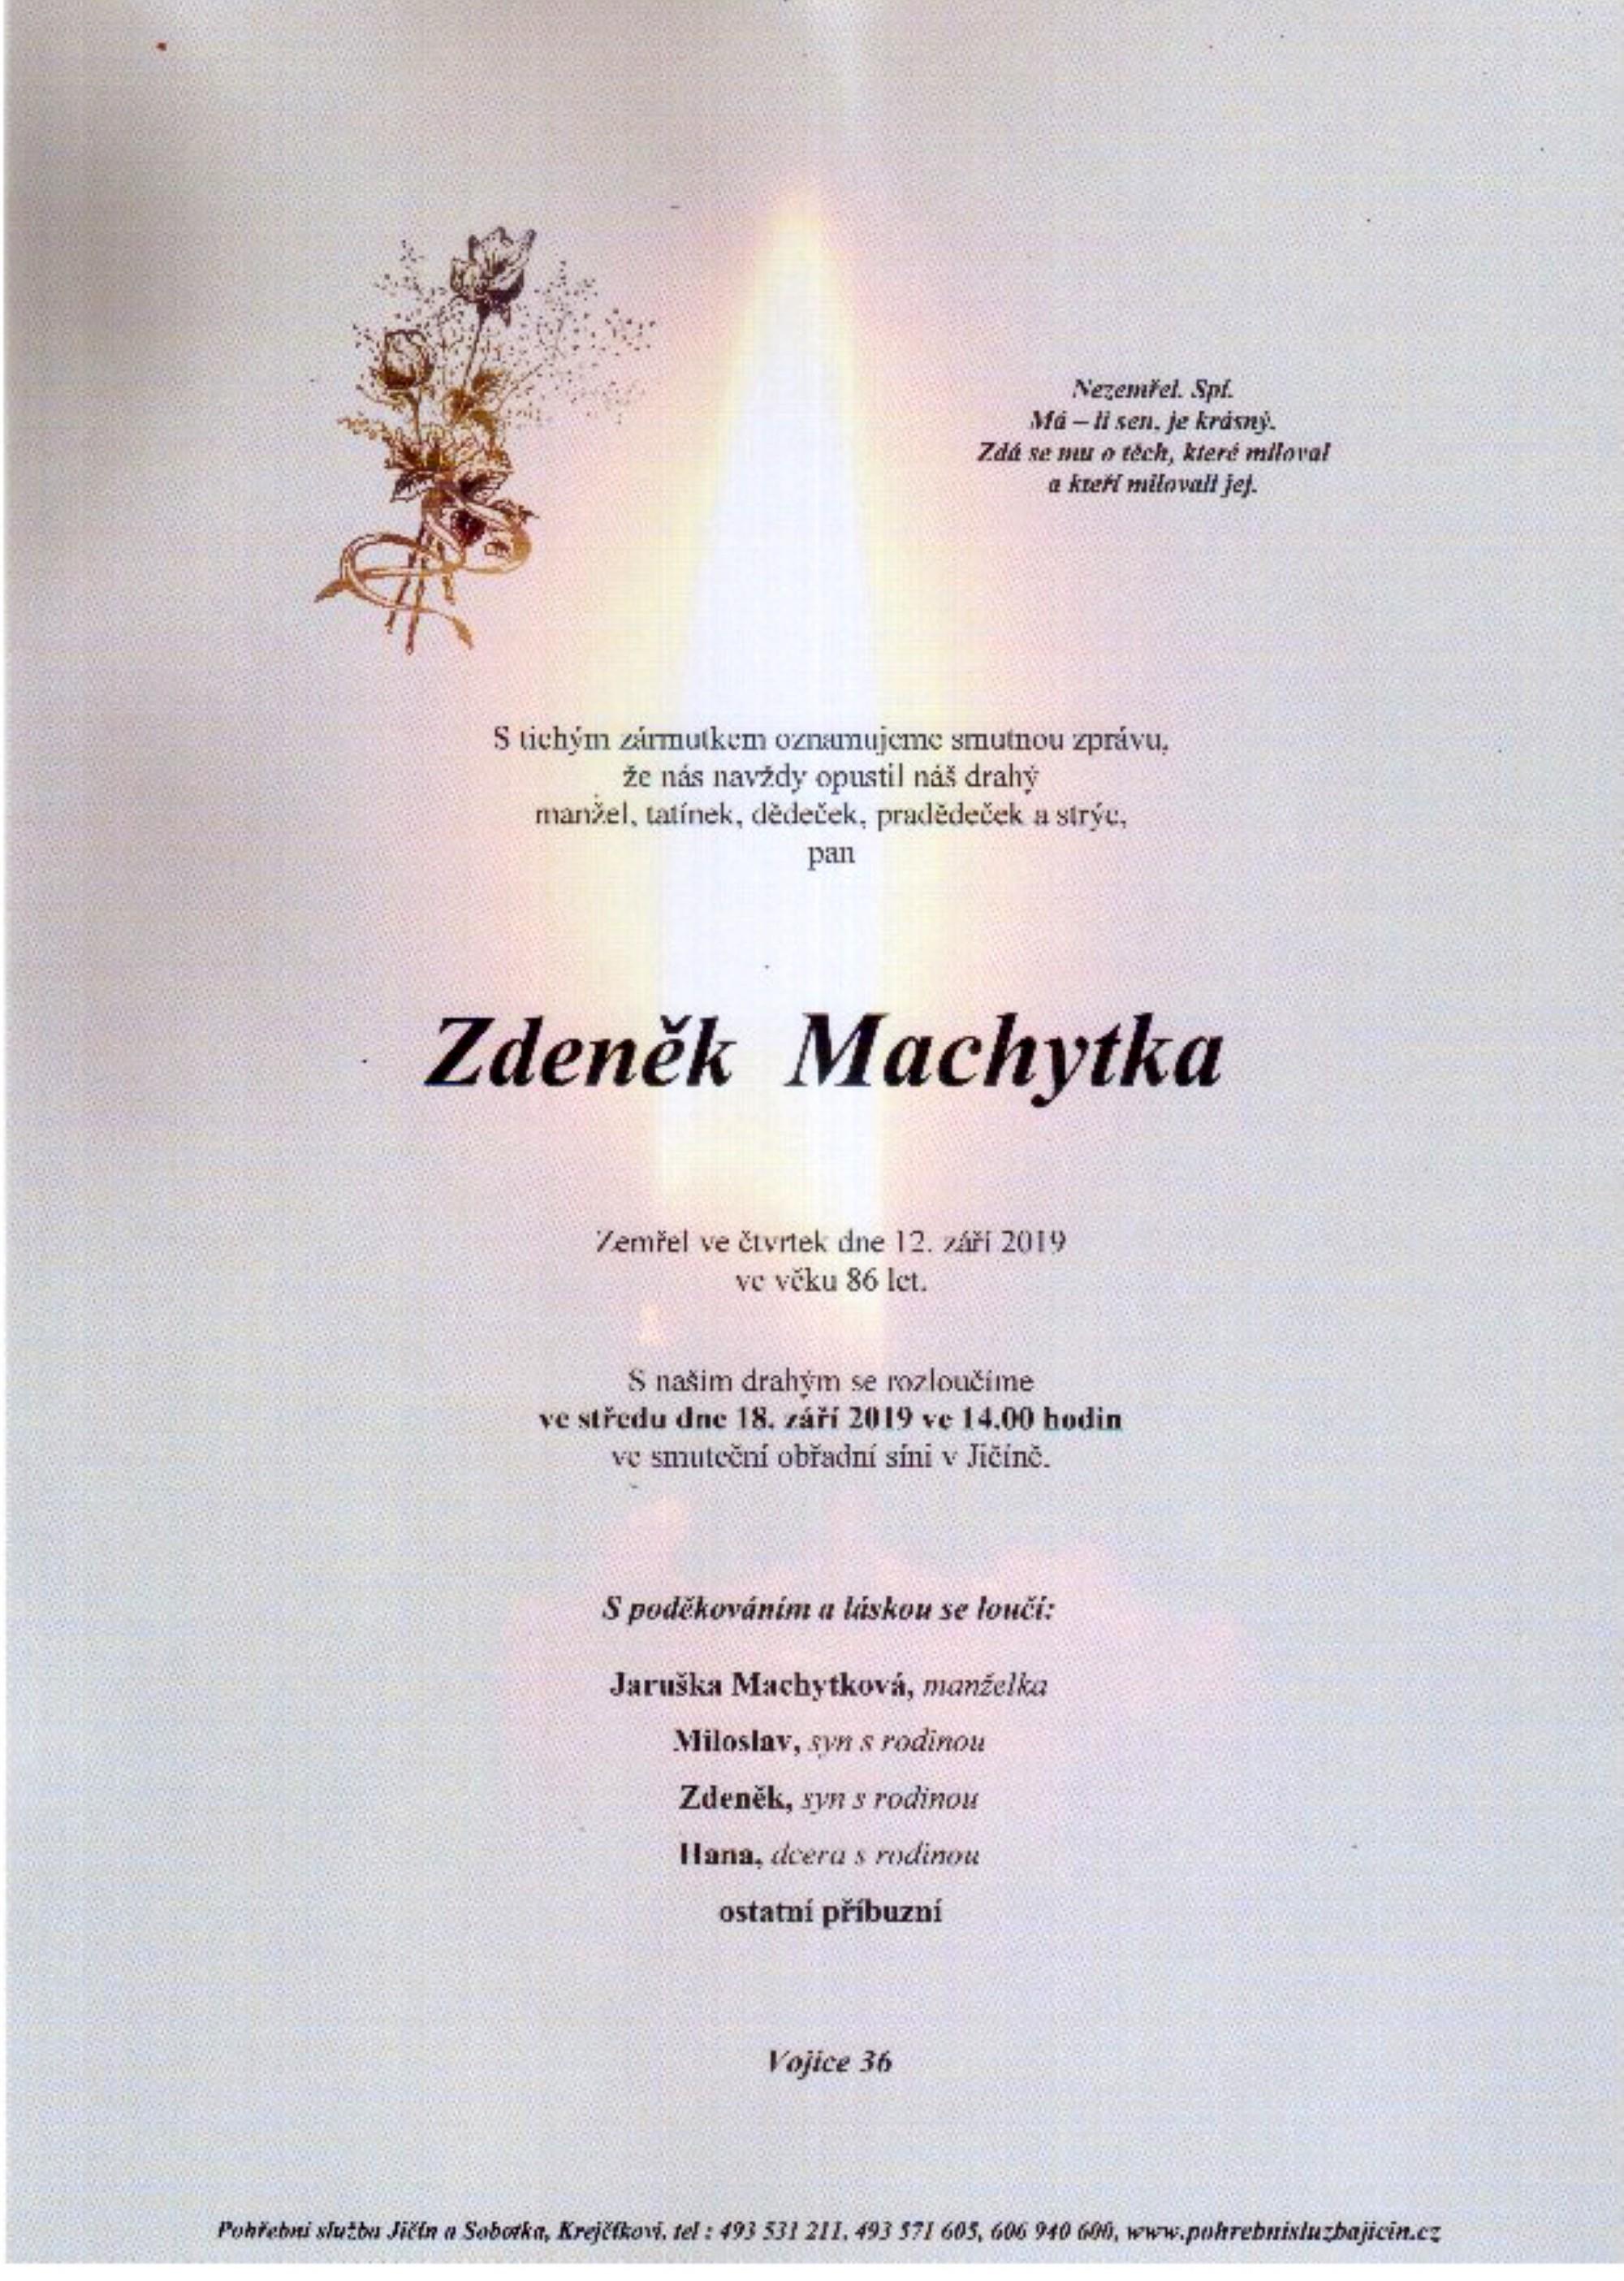 Zdeněk Machytka